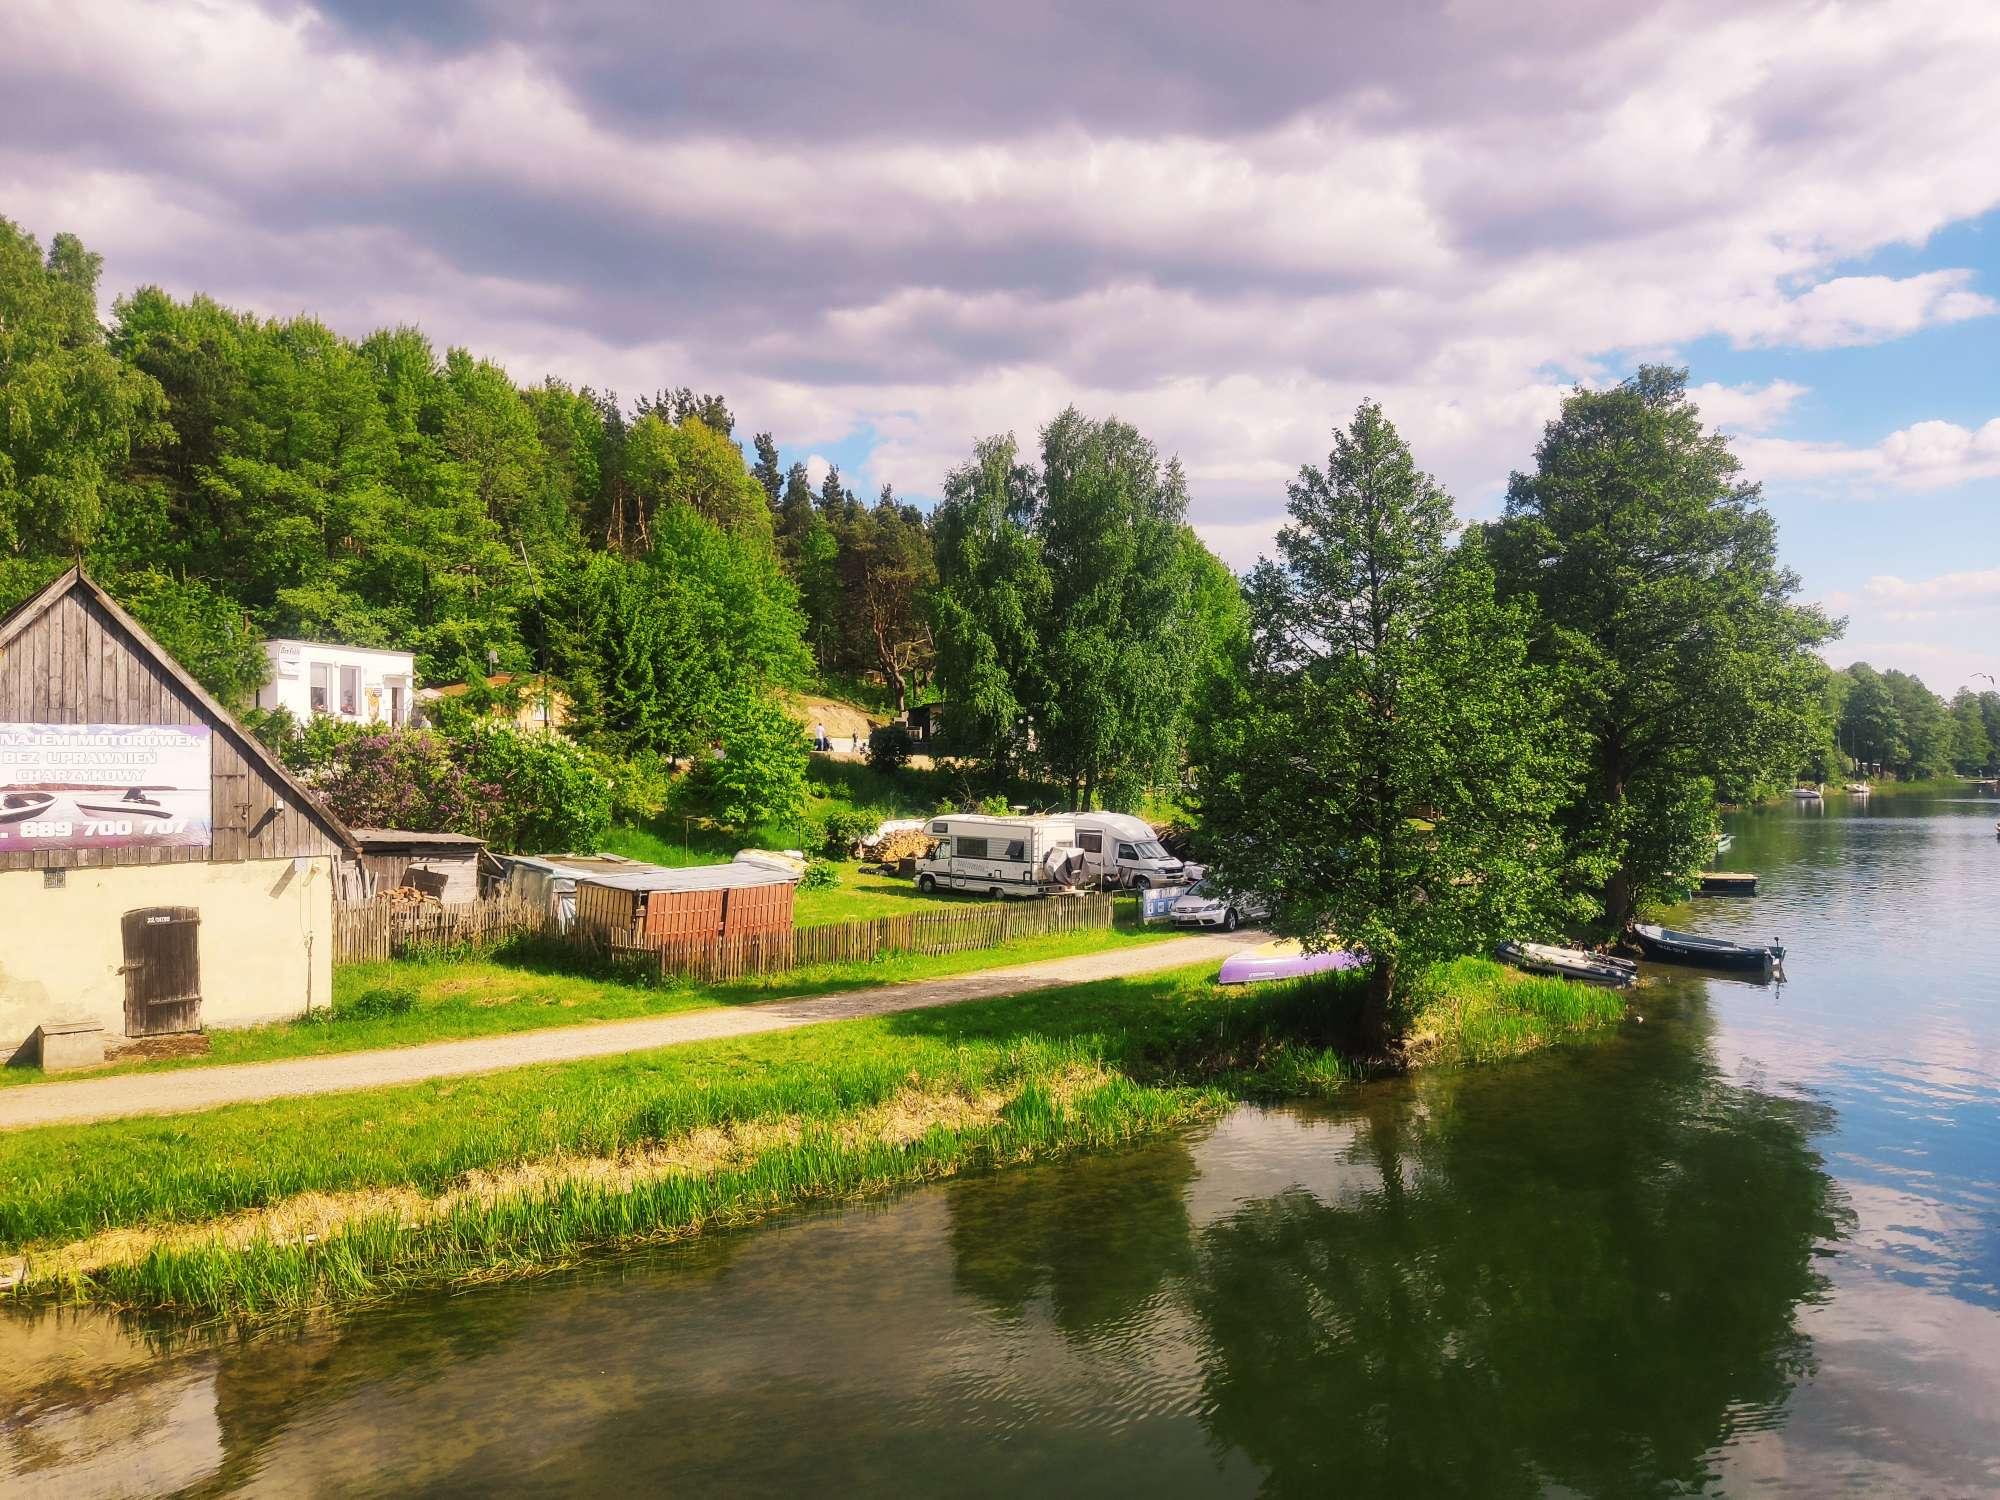 Gdzie najlepiej zatrzymać się w Borach?